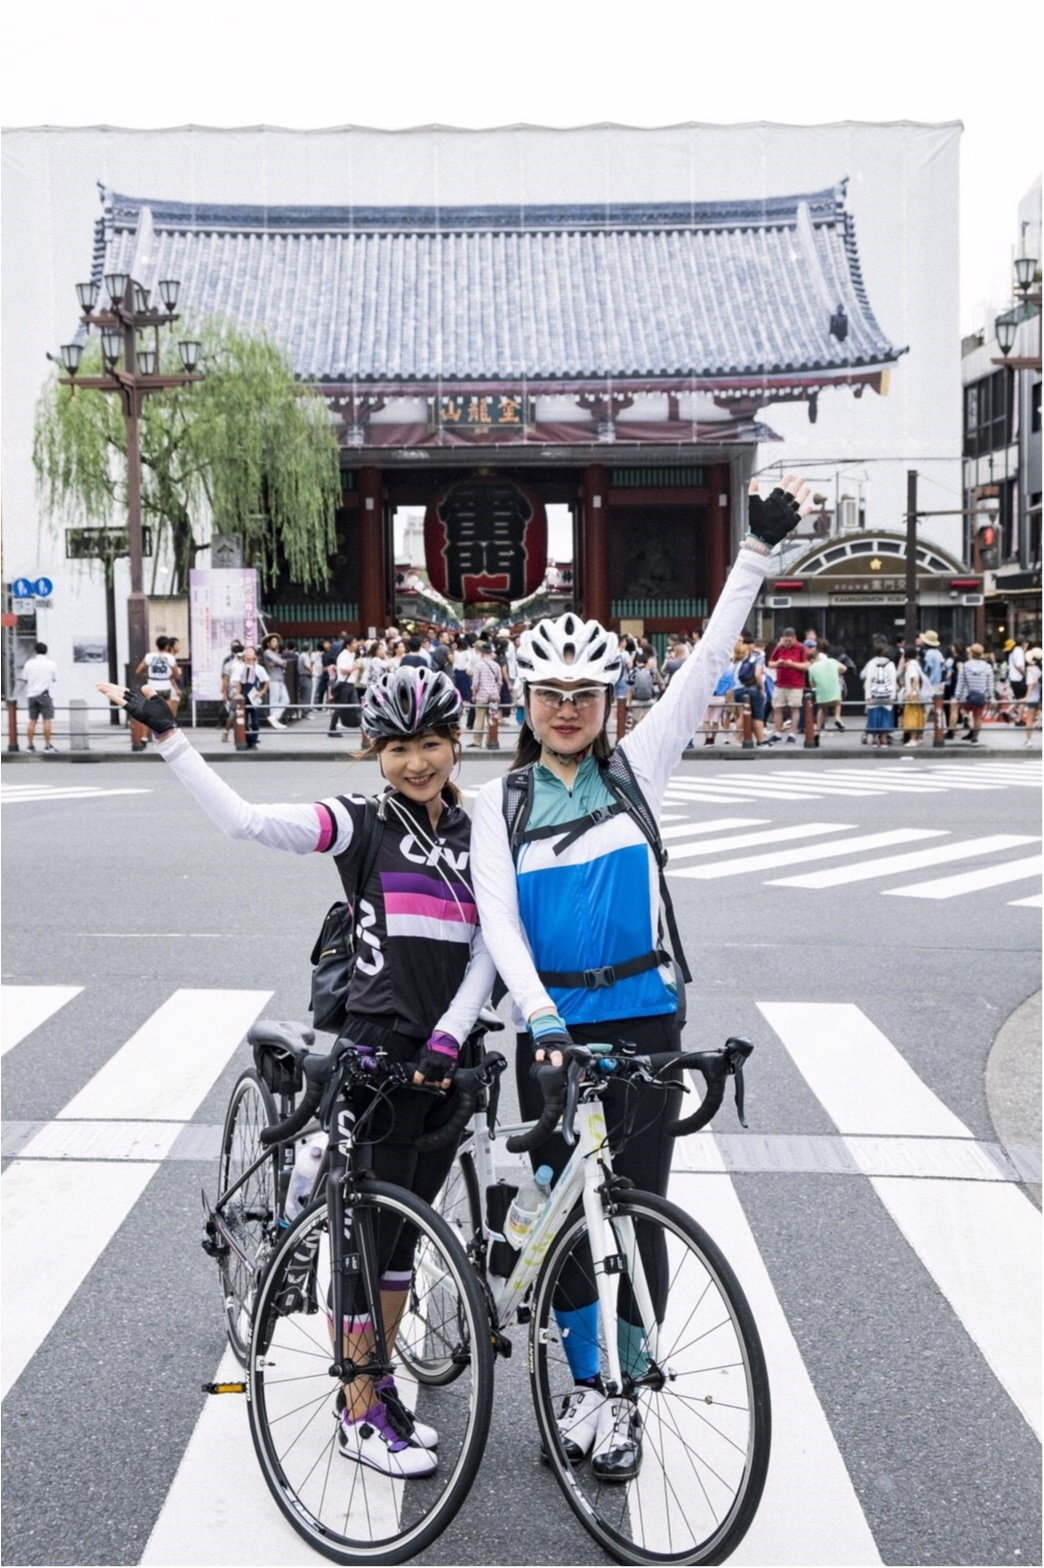 自転車で東京下町めぐり♡築地〜浅草〜東京スカイツリーまで!穴場グルメ&フォトスポットをご紹介♪ #ツール・ド・東北【#モアチャレ さえ】_3